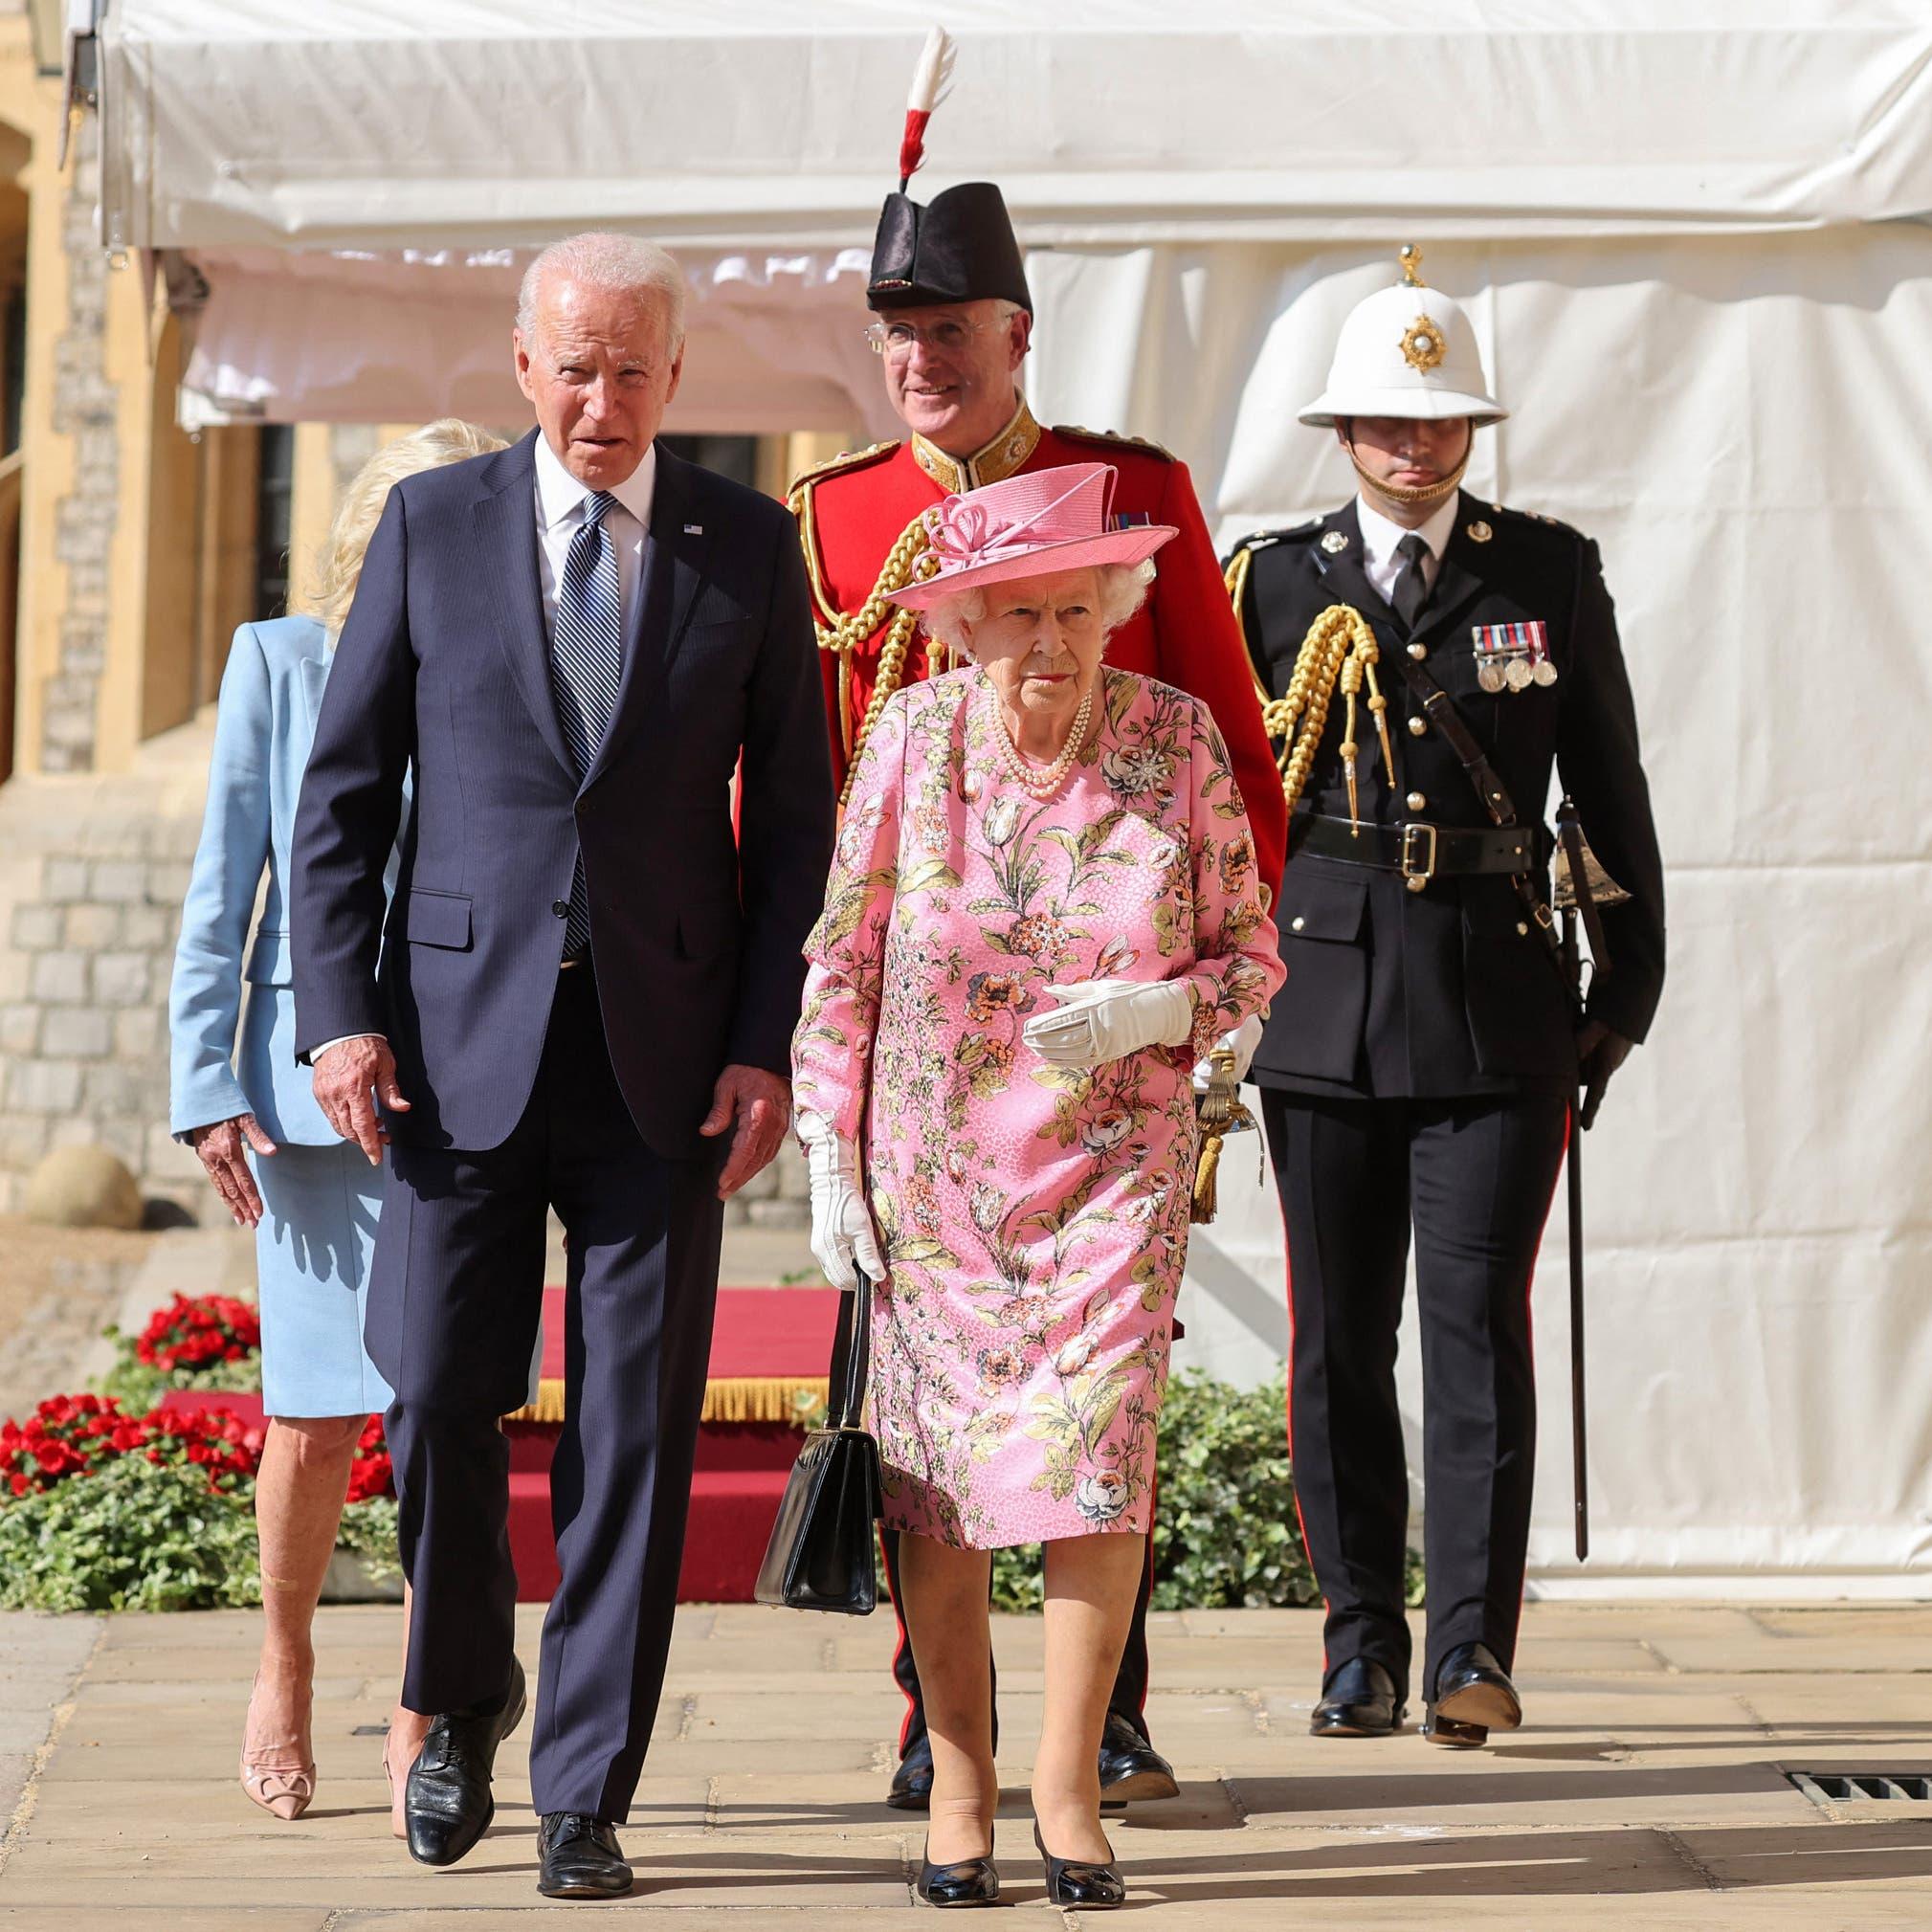 بايدن وزوجته يحتسيان الشاي مع الملكة إليزابيث بعد قمة مجموعة السبع